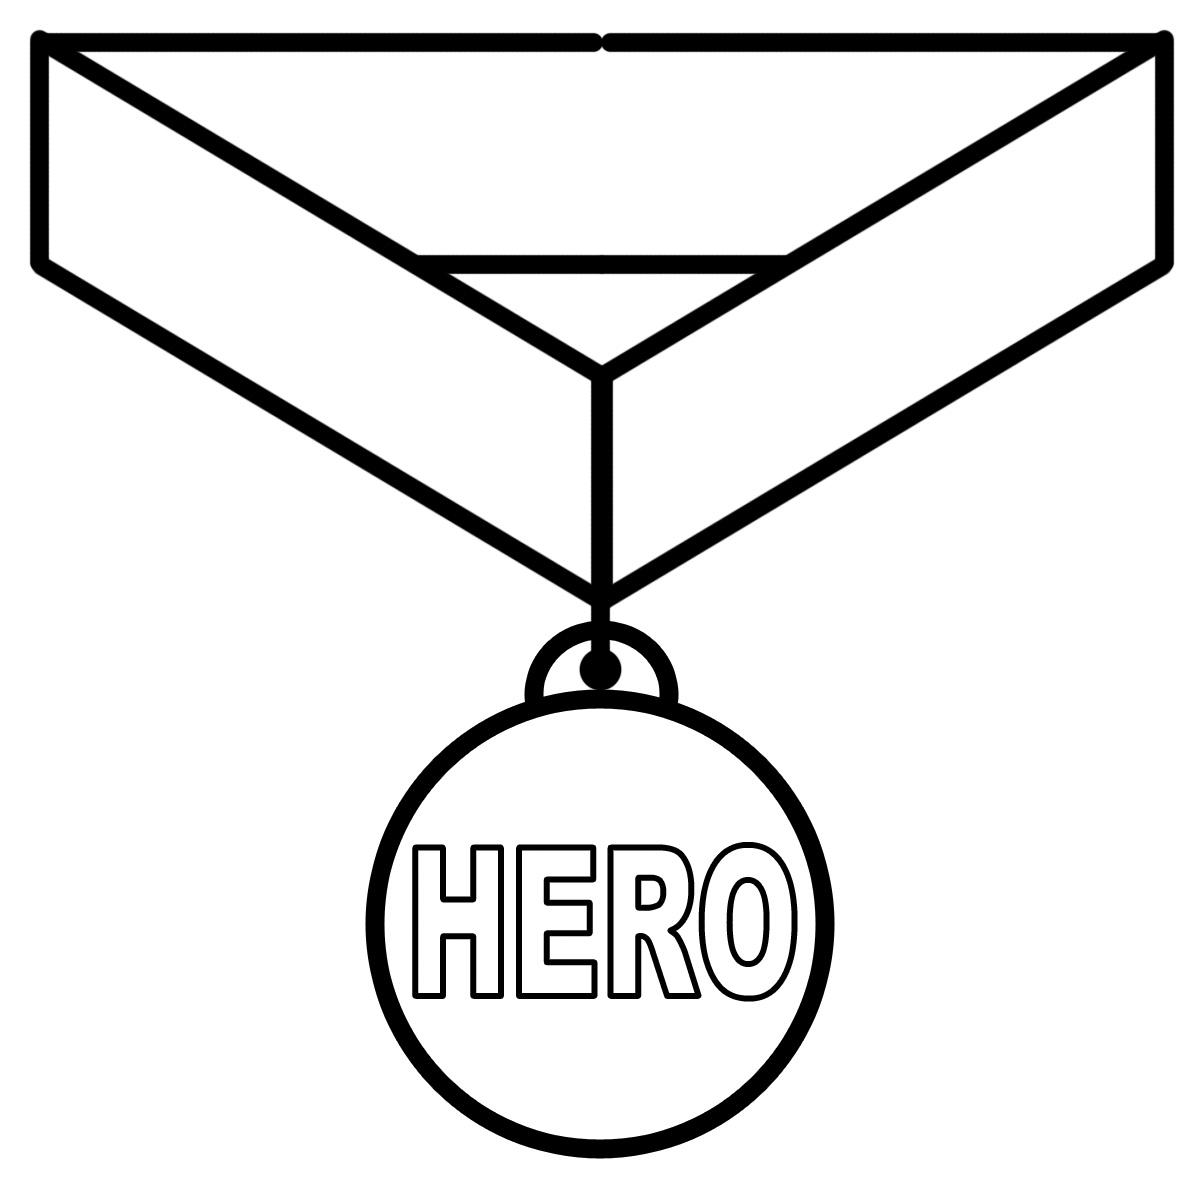 Medal Clip Art